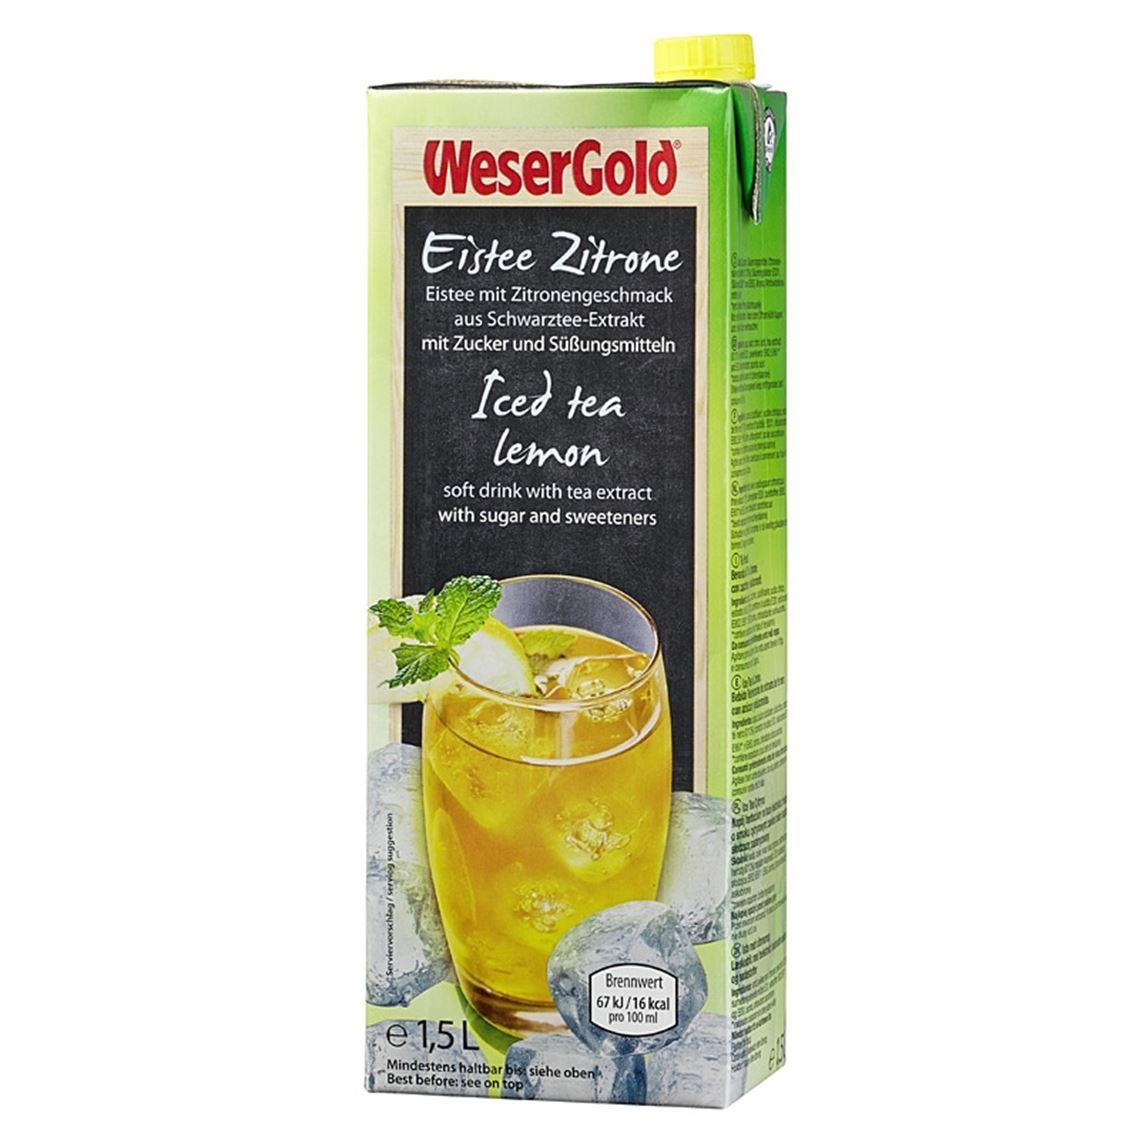 Wesergold Eistee Zitrone